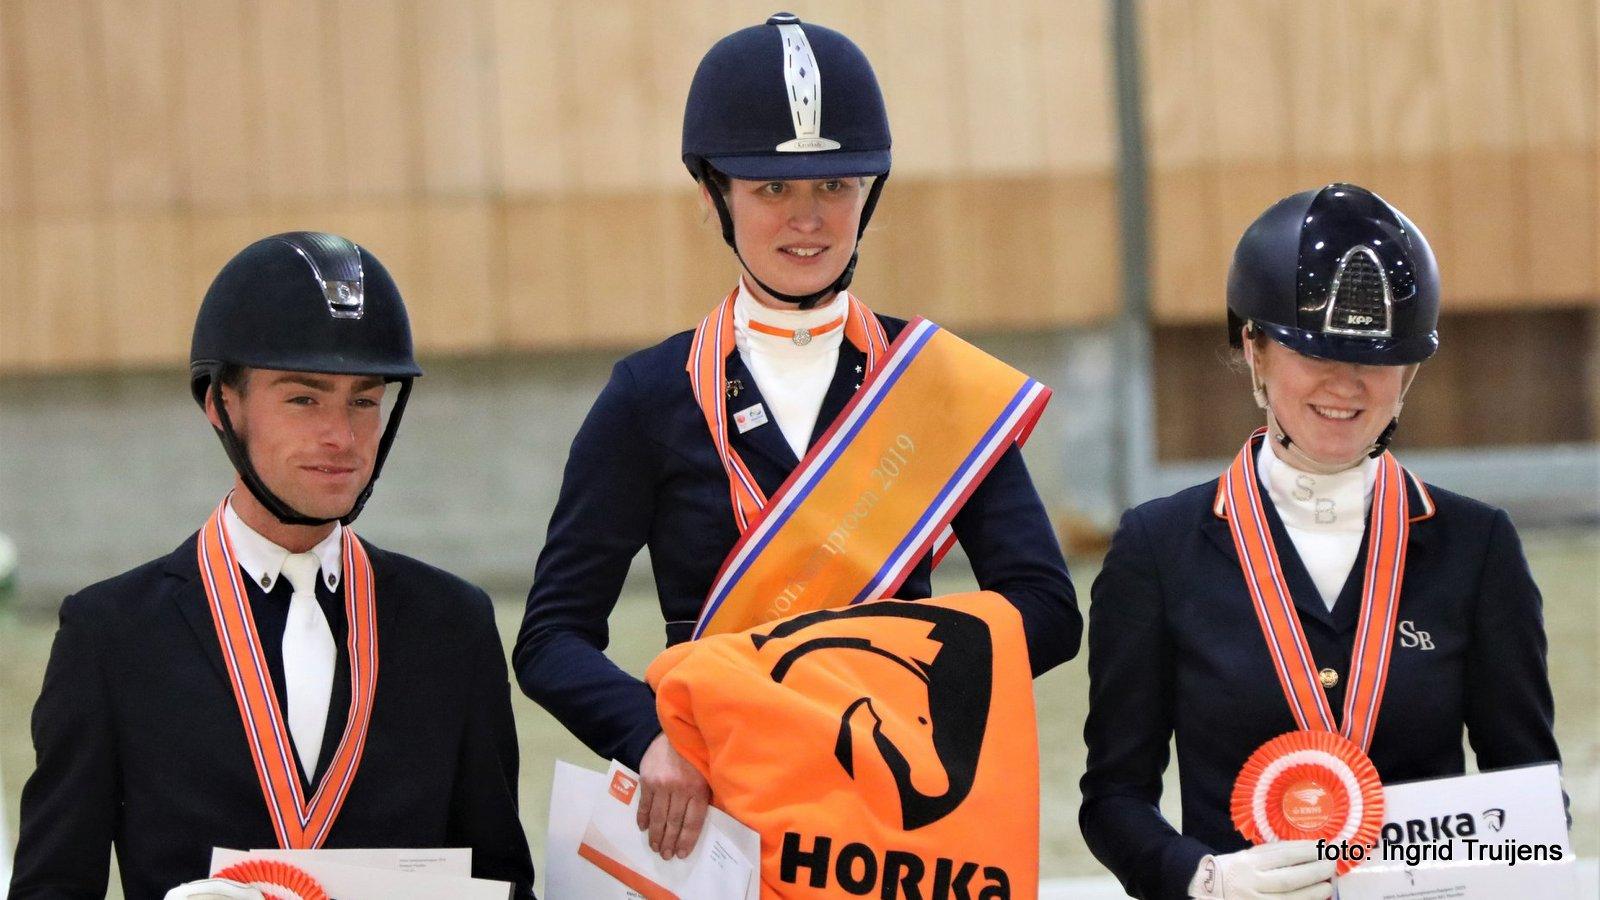 Marjan van der Jagt KNHS-kampioen in klasse M1